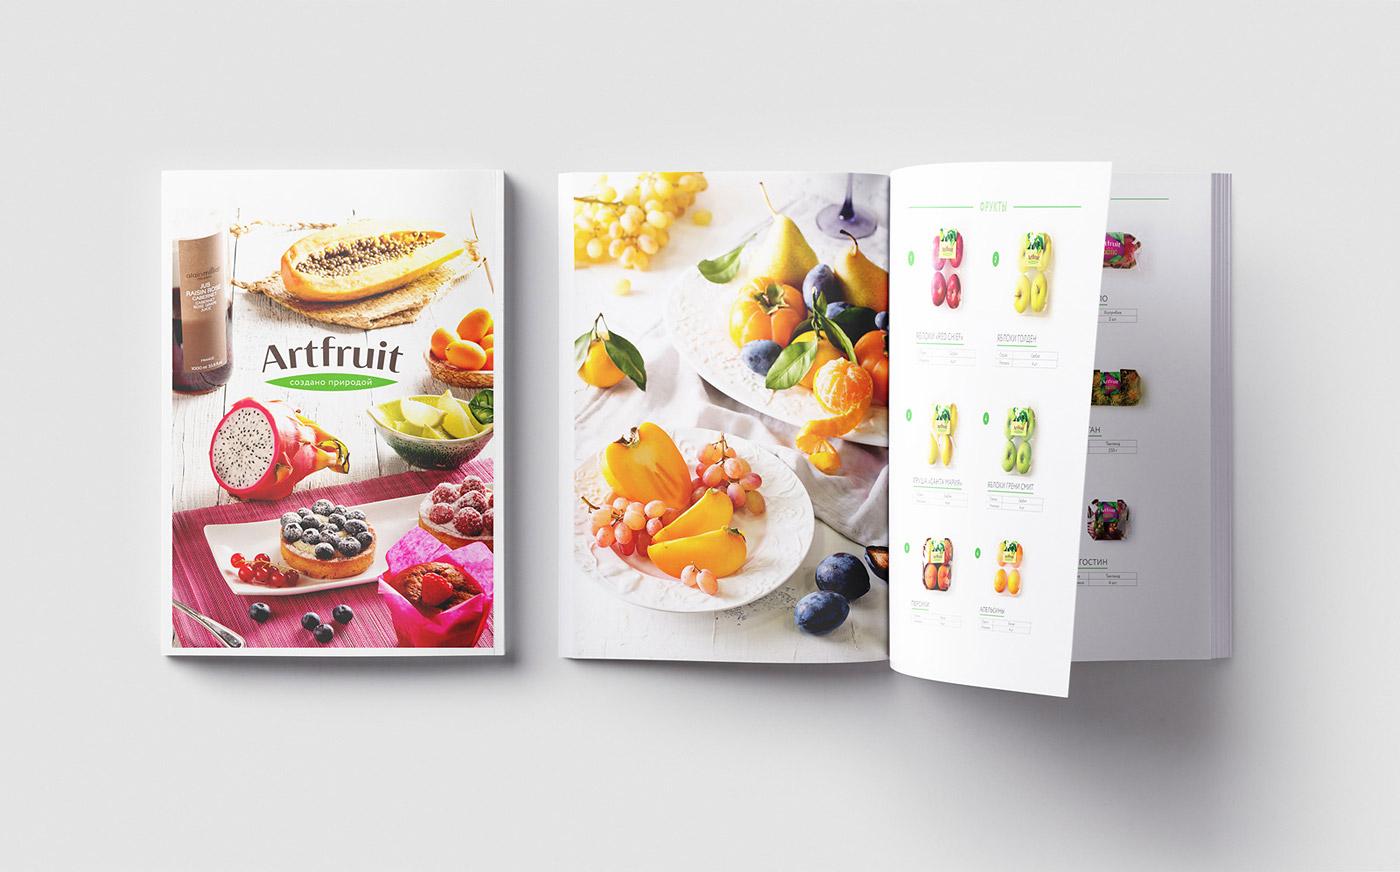 Дизайн каталога продукции Artfruit